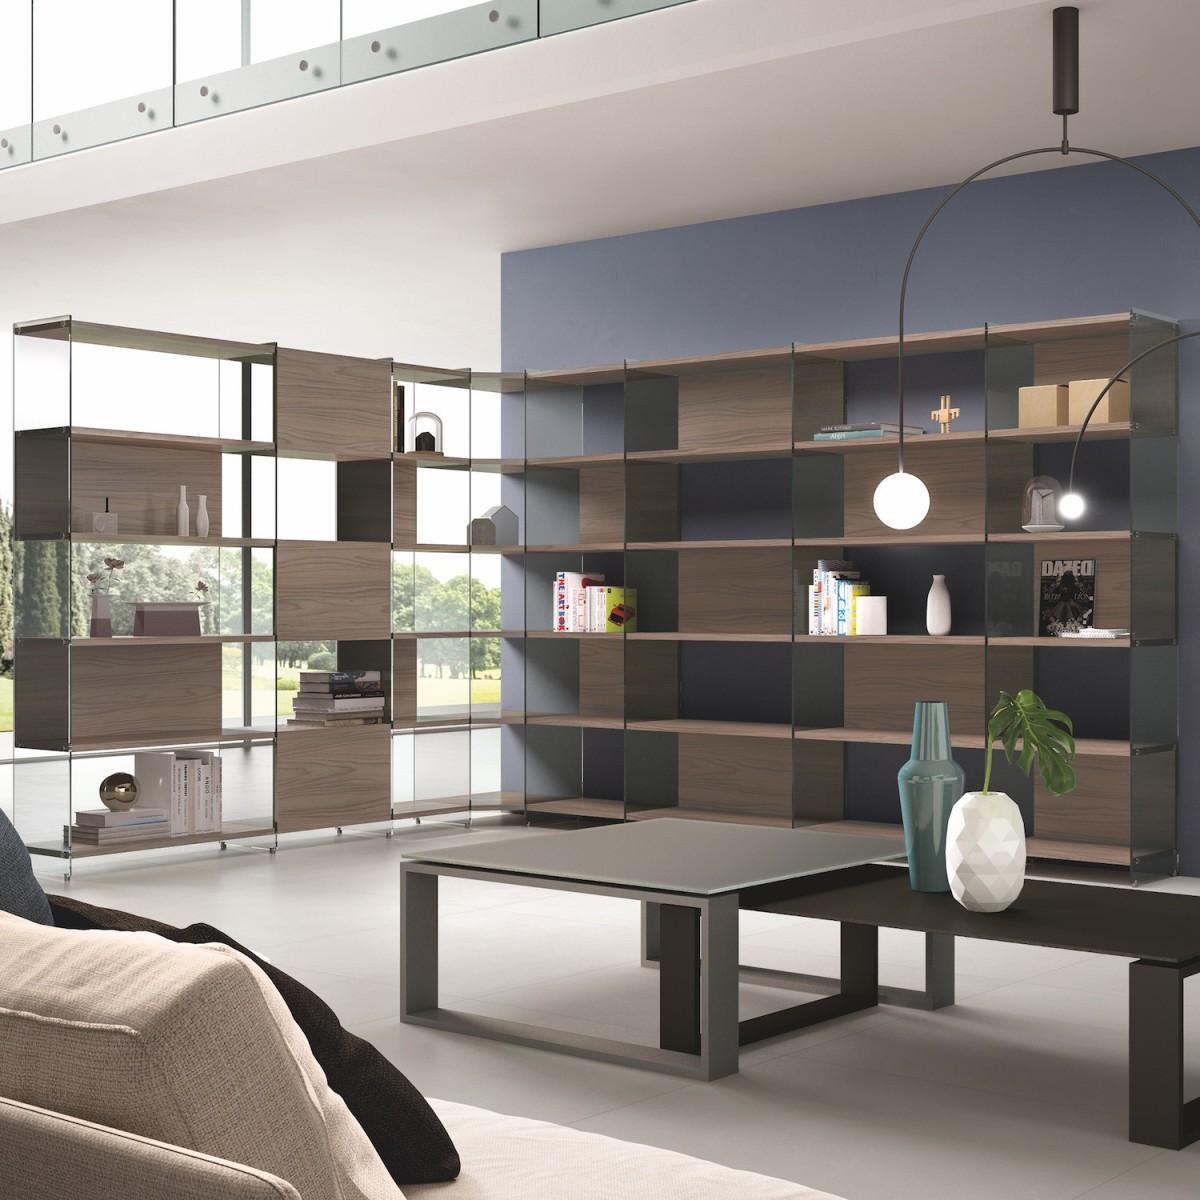 Libreria scaffale angolare da soggiorno design moderno byblos9 for Design moderno